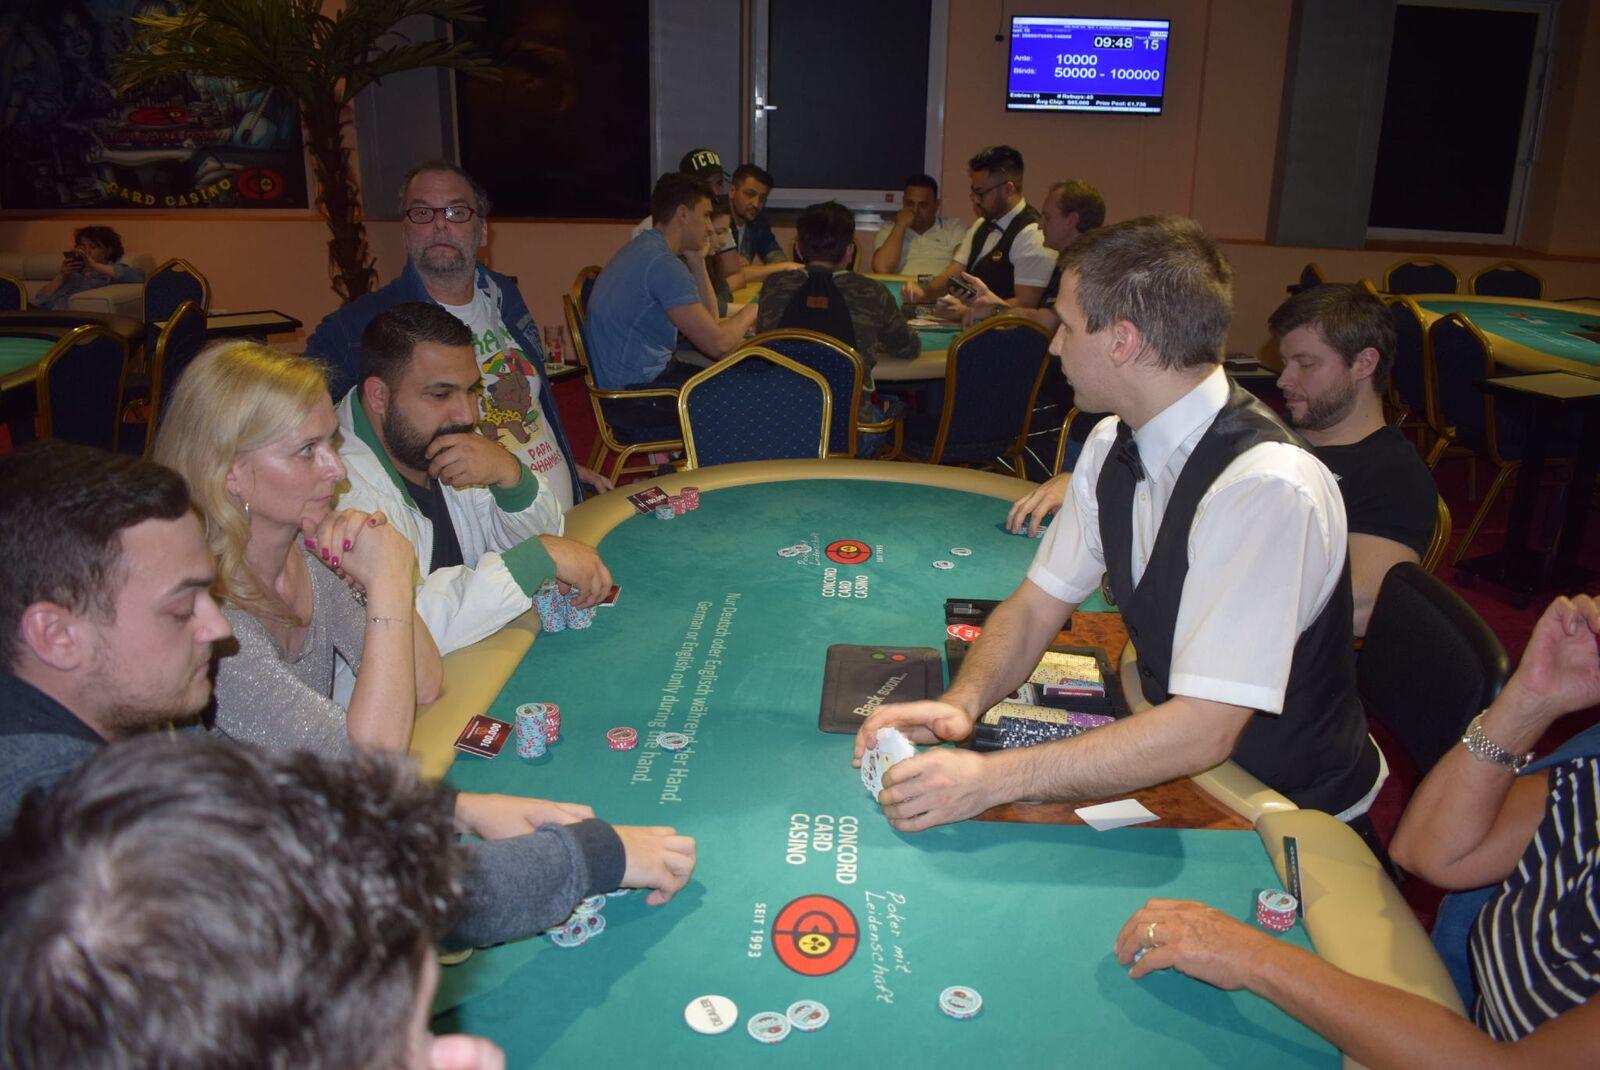 Card casino wien lugner city jugar al poker gratis sin descargar nada